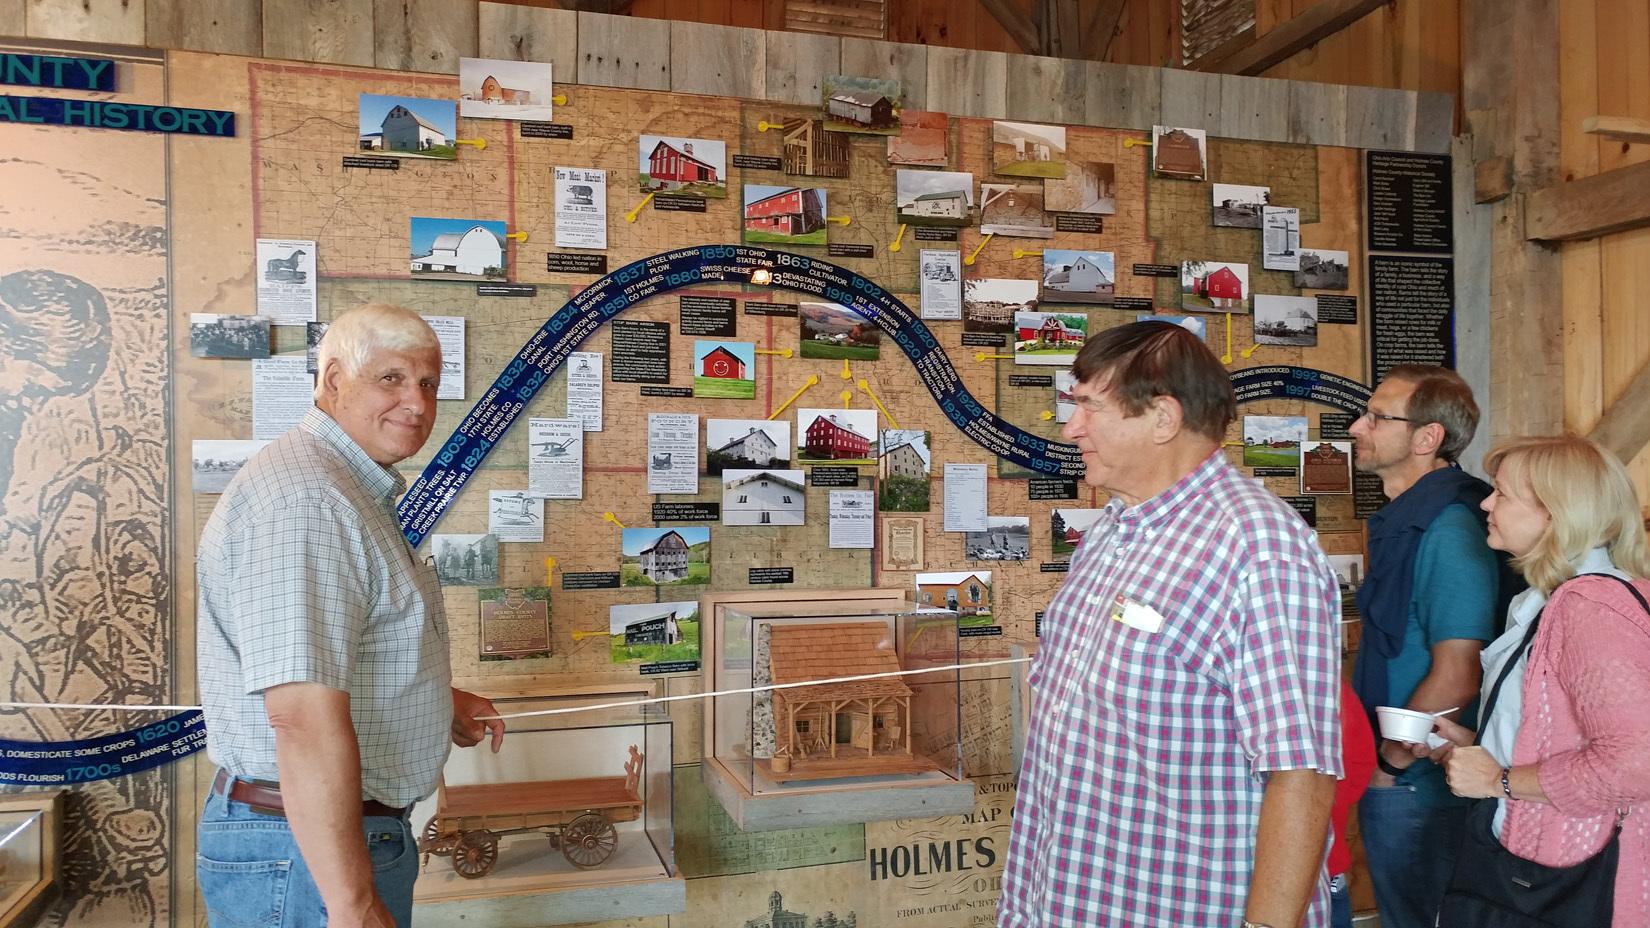 Rep. Bob Gibbs Visits New Ag History Display